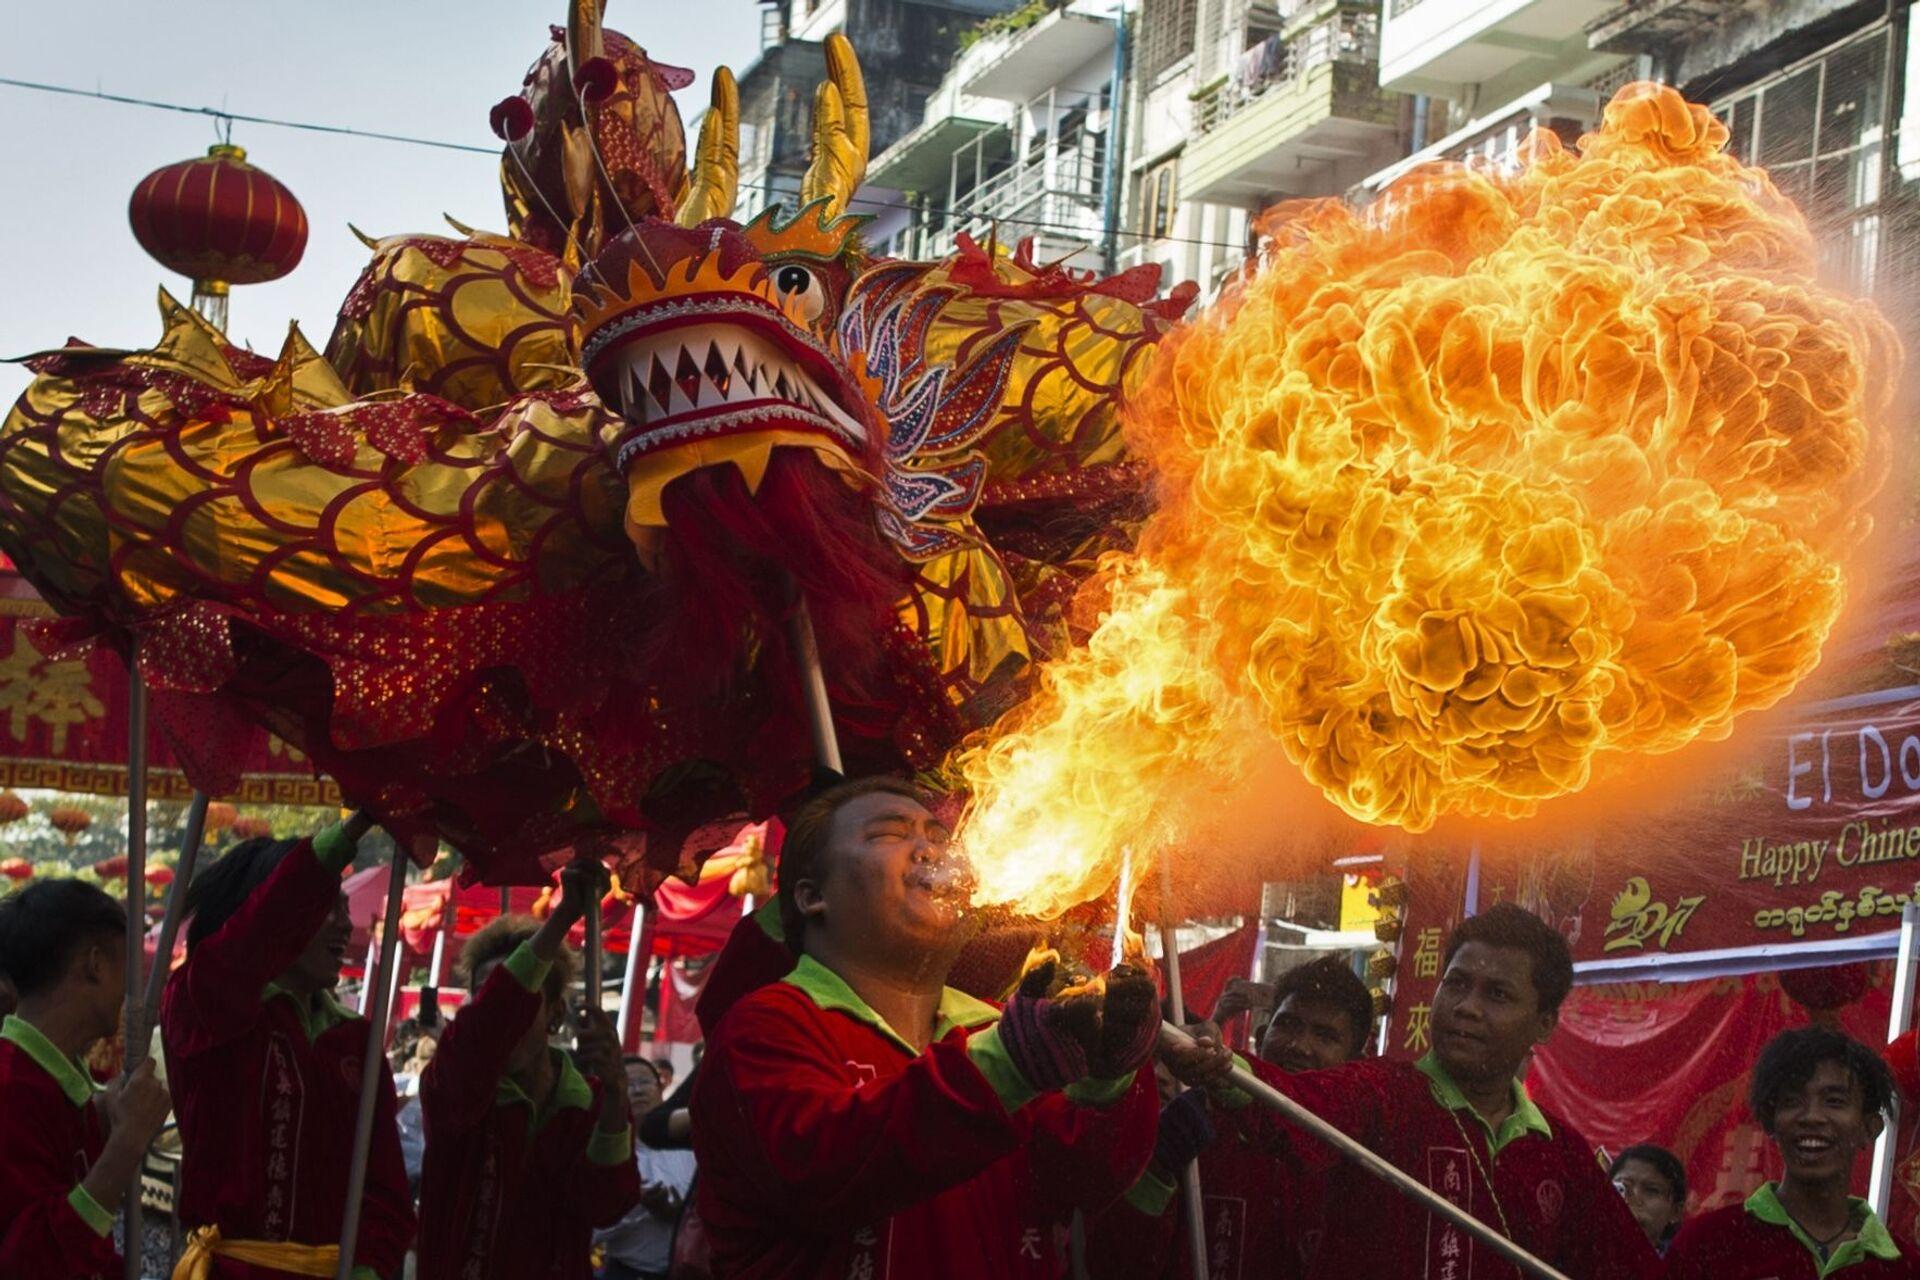 Китайский Новый год Быка 2021: традиции и обычаи праздника - Sputnik Грузия, 1920, 10.02.2021